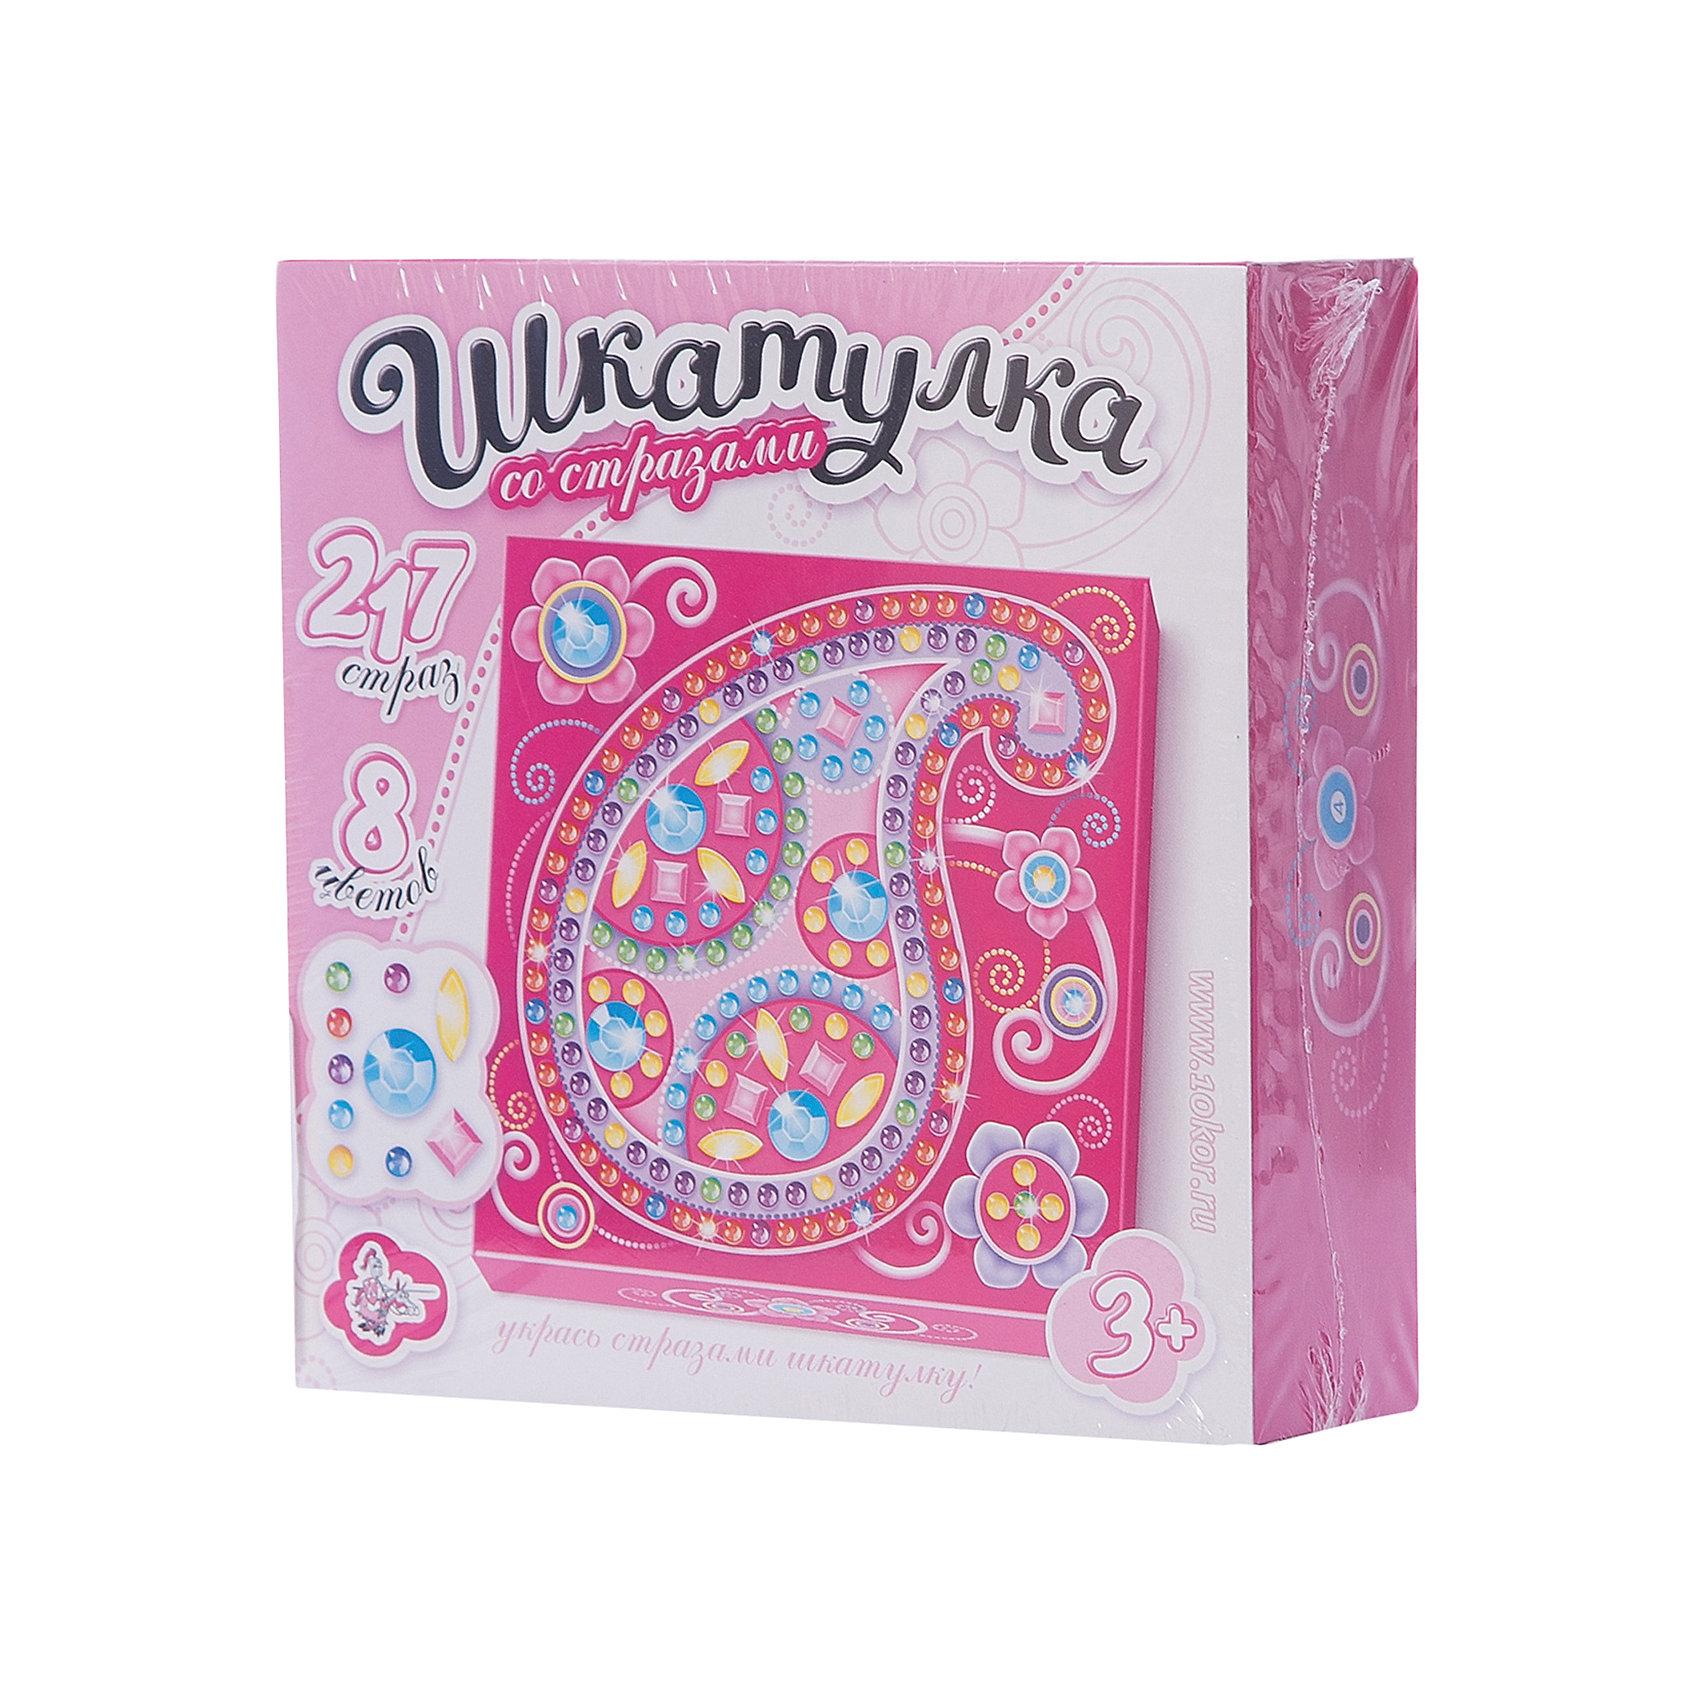 Шкатулка Узор, Десятое королевствоРукоделие<br>Шкатулка Узор, Десятое королевство<br><br>Характеристики:<br><br>• Возраст: от 5 лет<br>• Размер готовой игрушки: 15х15см<br>• Материал: картон, акрил, метал<br>• В комплекте: заготовка шкатулки, 217 страз 8 цветов<br><br>Этот замечательный набор позволяет ребенку самостоятельно собрать для себя яркую и красивую шкатулку с очаровательным рисунком. Благодаря устройству набора, форму для шкатулку довольно просто сложить, а для украшения удобно использовать идущие в наборе стразы, которые можно приклеивать прямо по номерам. Итоговый размер шкатулки - 10,5 х 10,5 х 4,5 см. Работа с набором развивает усидчивость и мелкую моторику.<br><br>Шкатулка Узор, Десятое королевство можно купить в нашем интернет-магазине.<br><br>Ширина мм: 153<br>Глубина мм: 153<br>Высота мм: 47<br>Вес г: 140<br>Возраст от месяцев: 60<br>Возраст до месяцев: 84<br>Пол: Женский<br>Возраст: Детский<br>SKU: 5471655